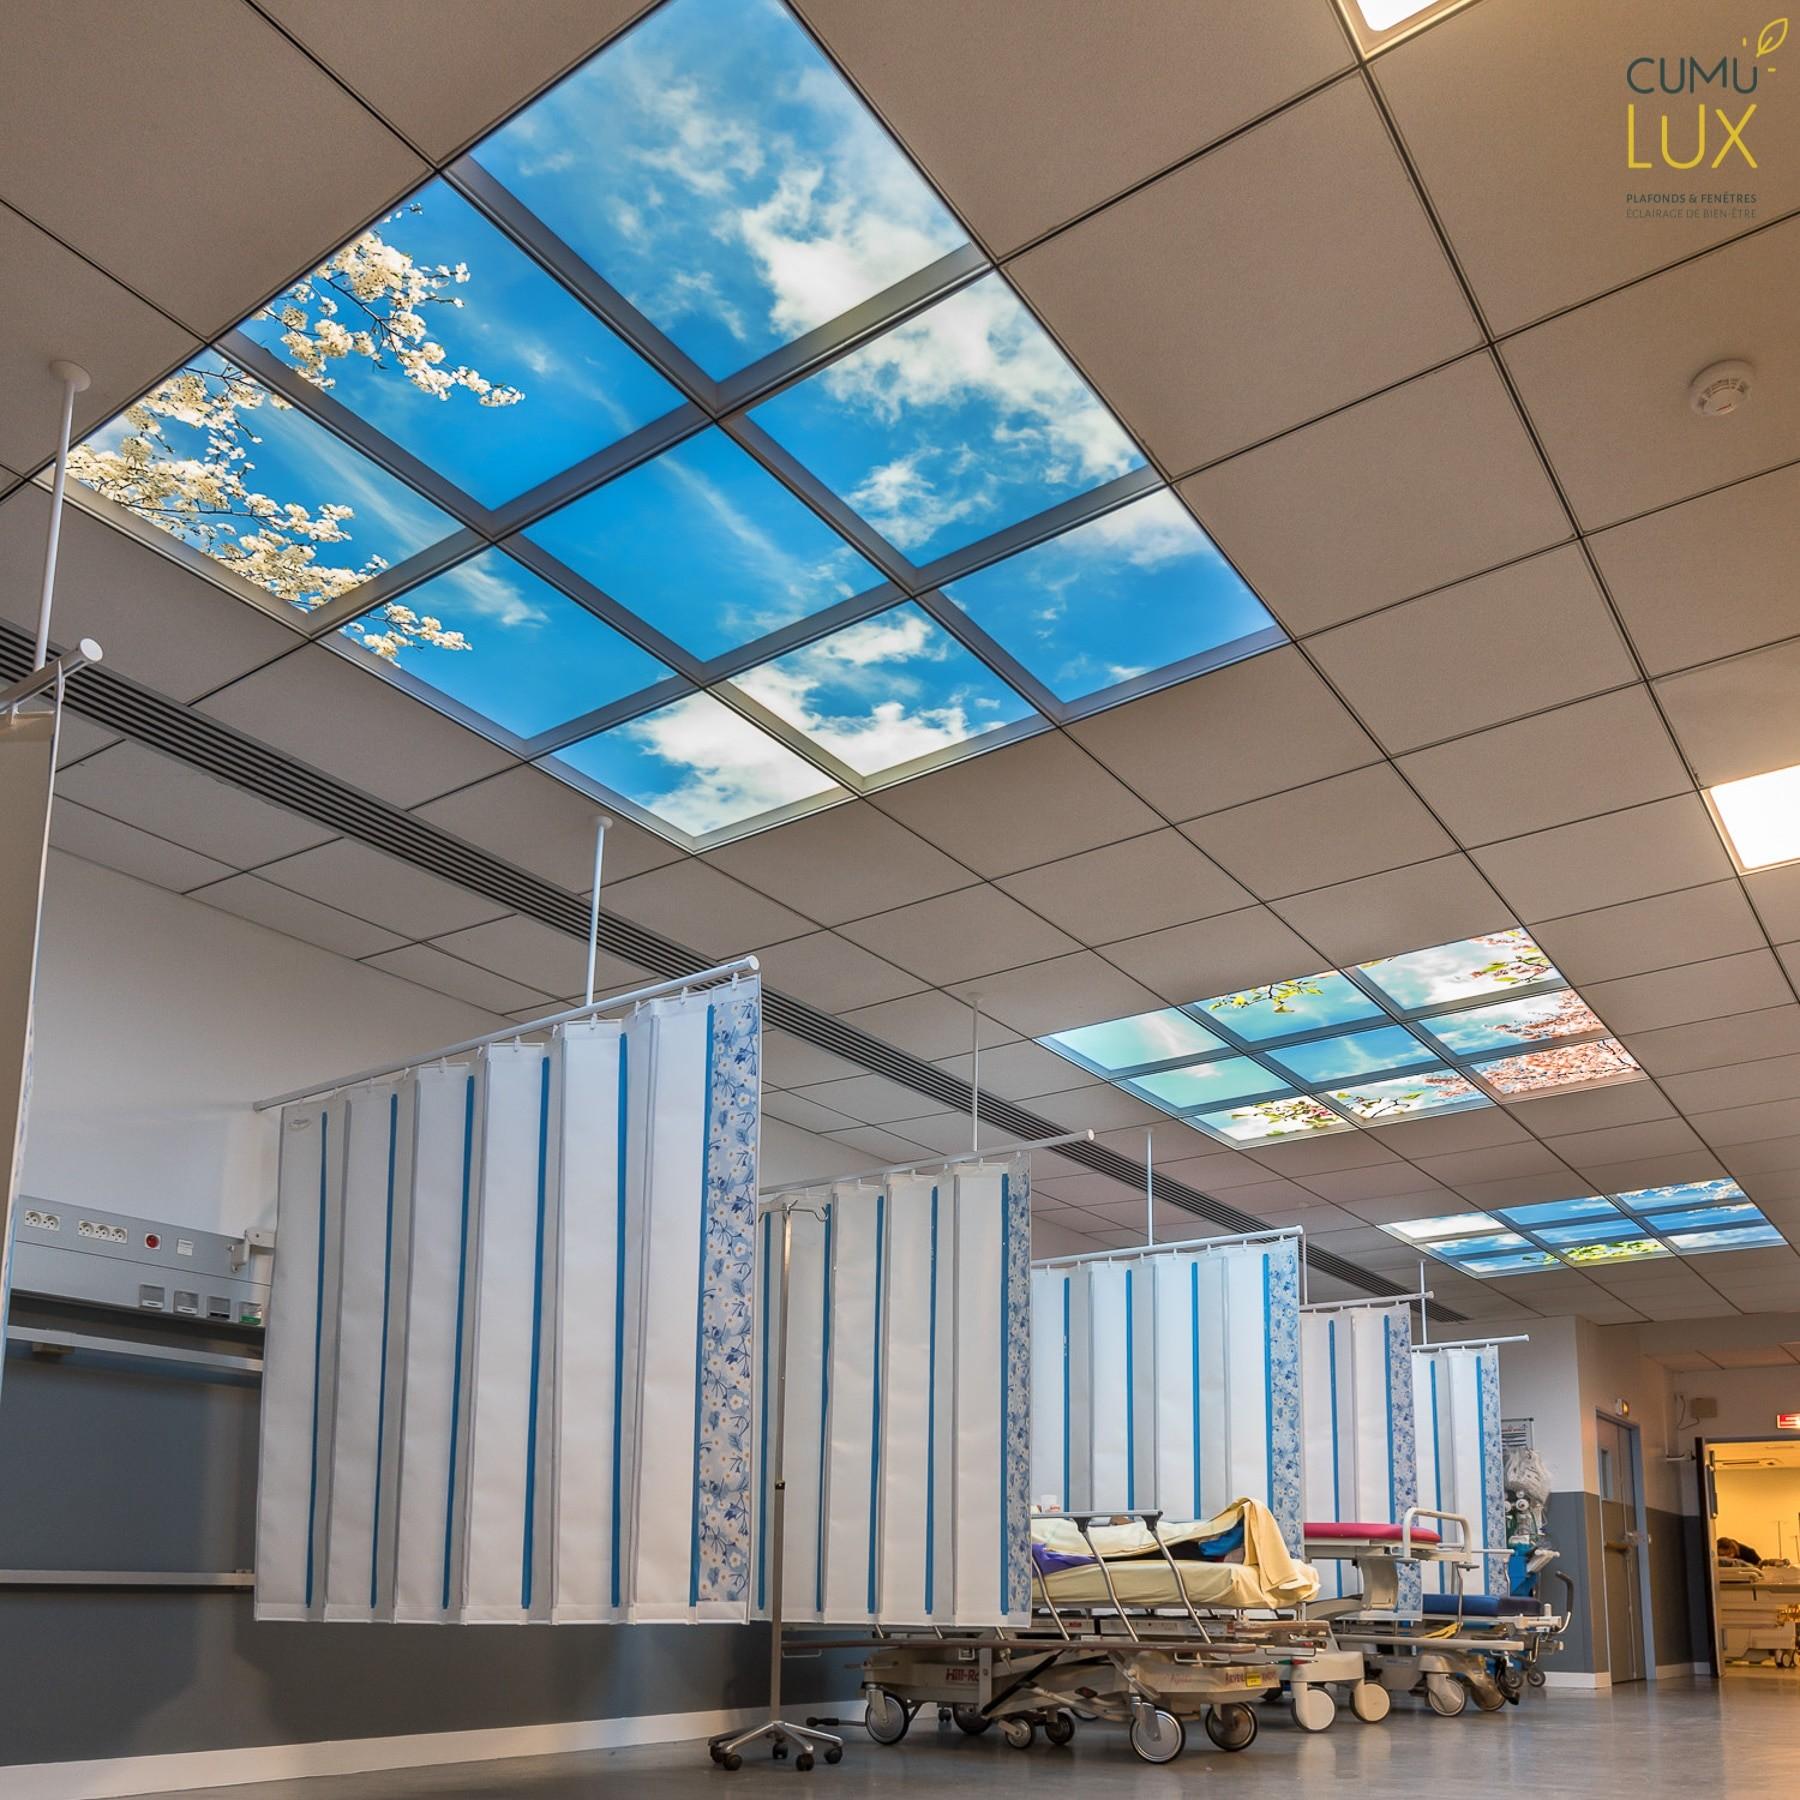 Plafonds lumineux cumulux Salpêtrière - Salle d'Attente Brancard